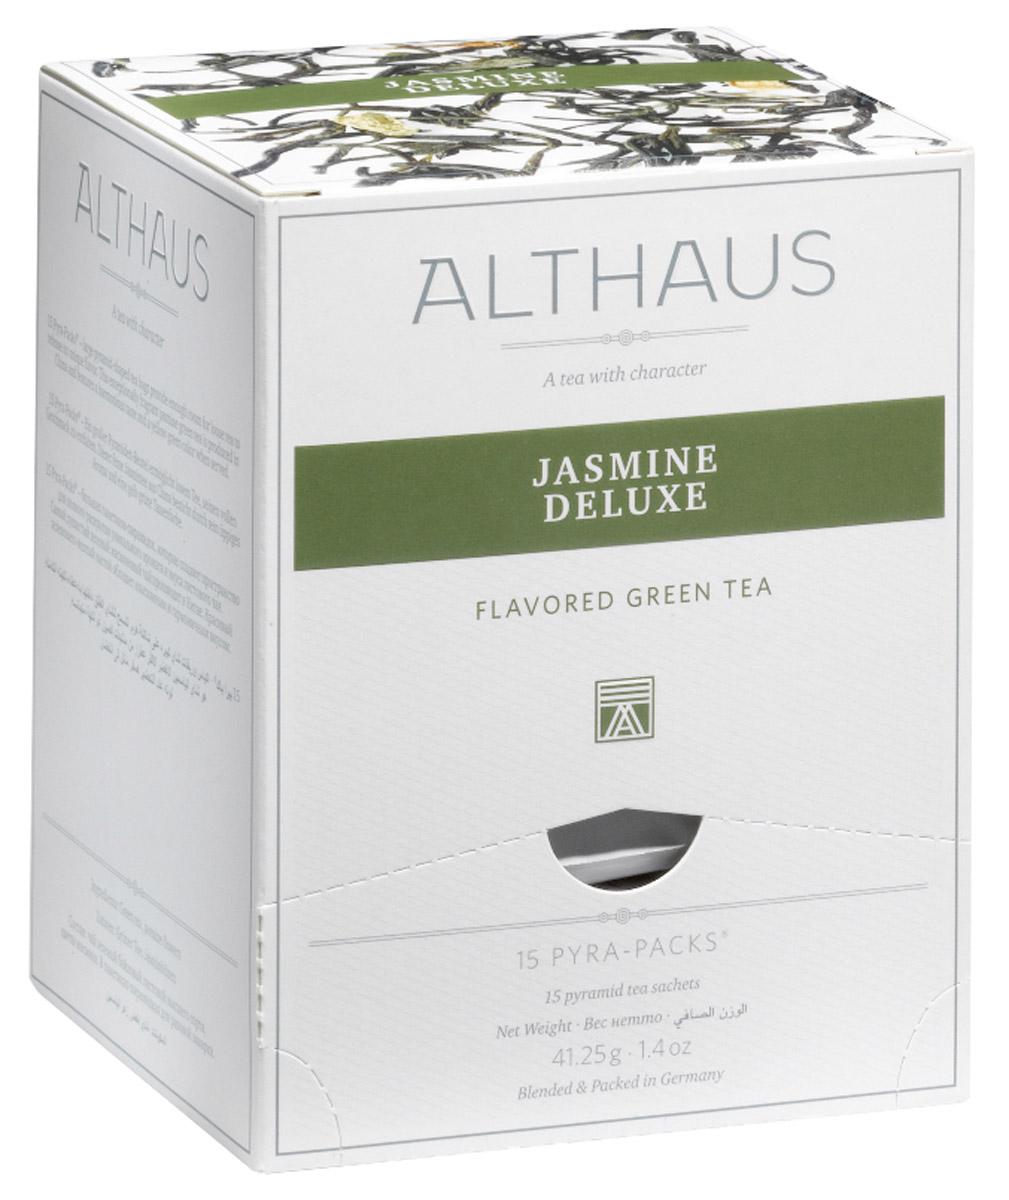 Althaus Jasmine Deluxe чай зеленый ароматизированный в пирамидках, 15 шт  недорого